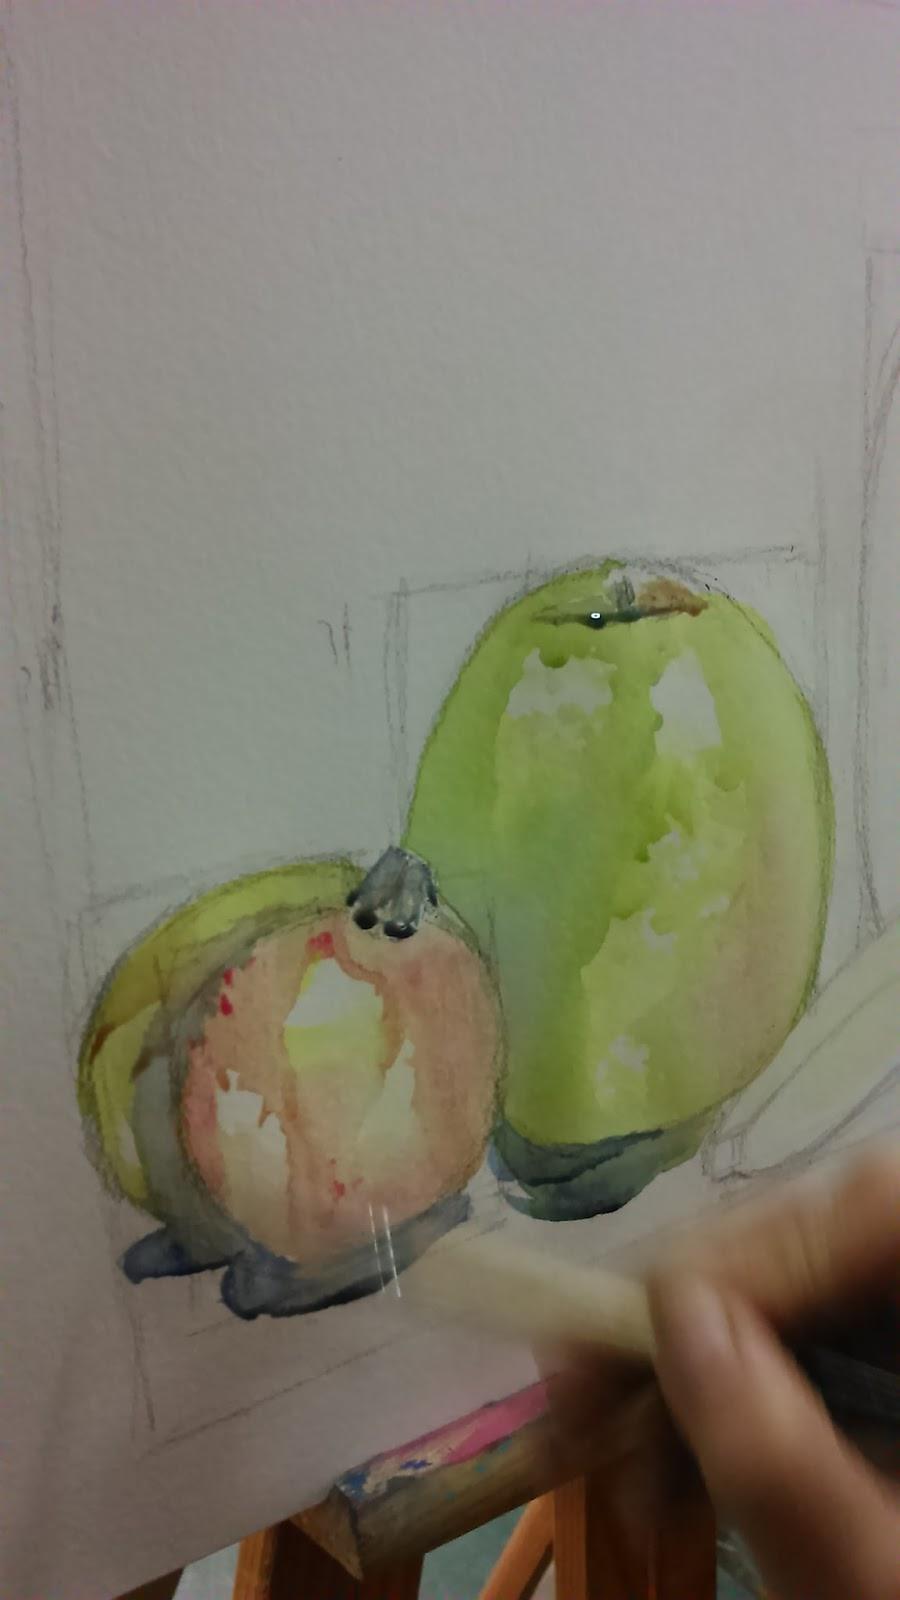 Perfecto Arte De Uñas Malvados Regalo - Ideas Para Pintar Uñas ...